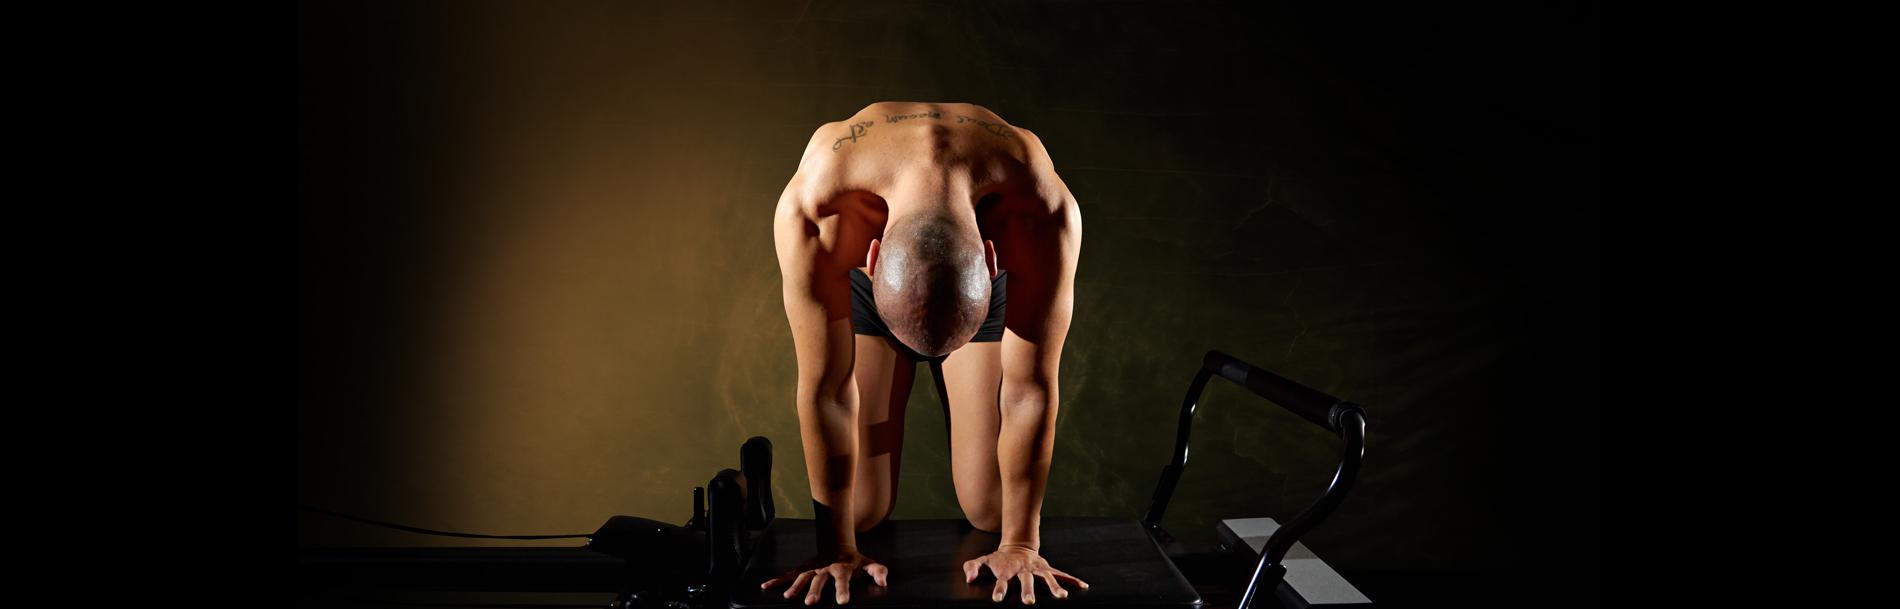 pilates pentru imbunatirea posturii